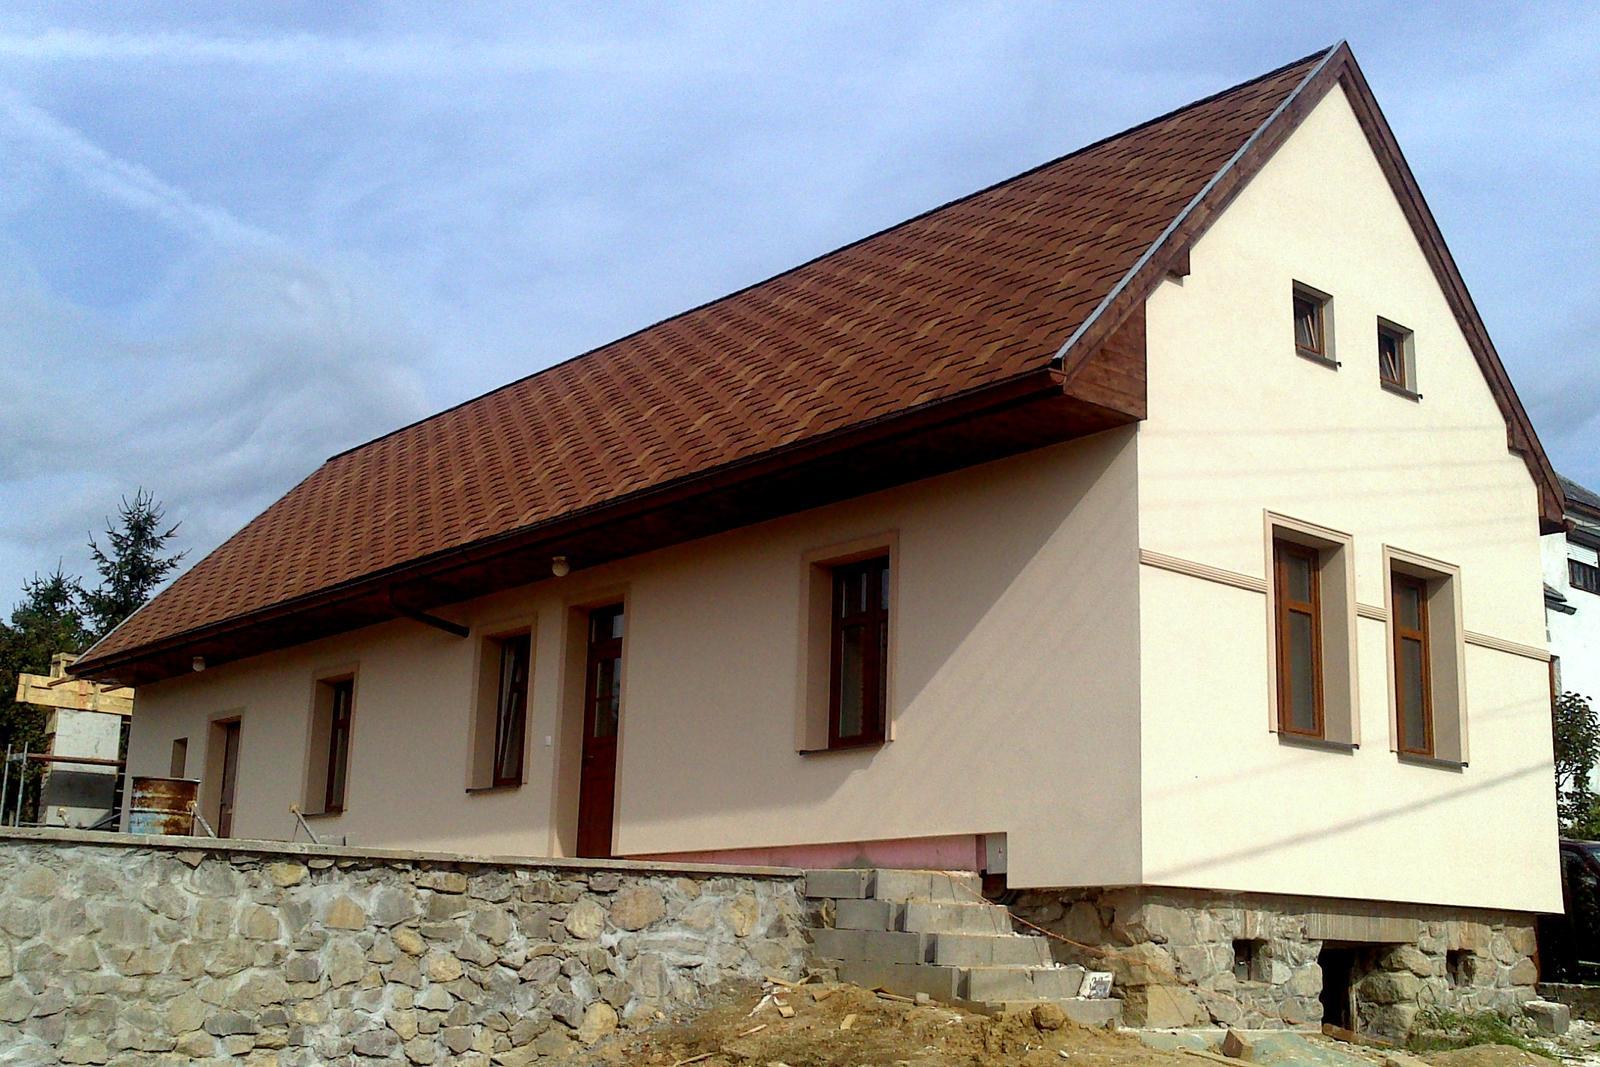 Rekonštrukcia domčeka z roku 1937 - Začiatok septembra 2014 - interiér už funguje, fasáda až na sokel hotová. Dostavuje sa ešte malé humno vzadu, ktoré pred 12 rokmi spadlo spolu so strechou domu